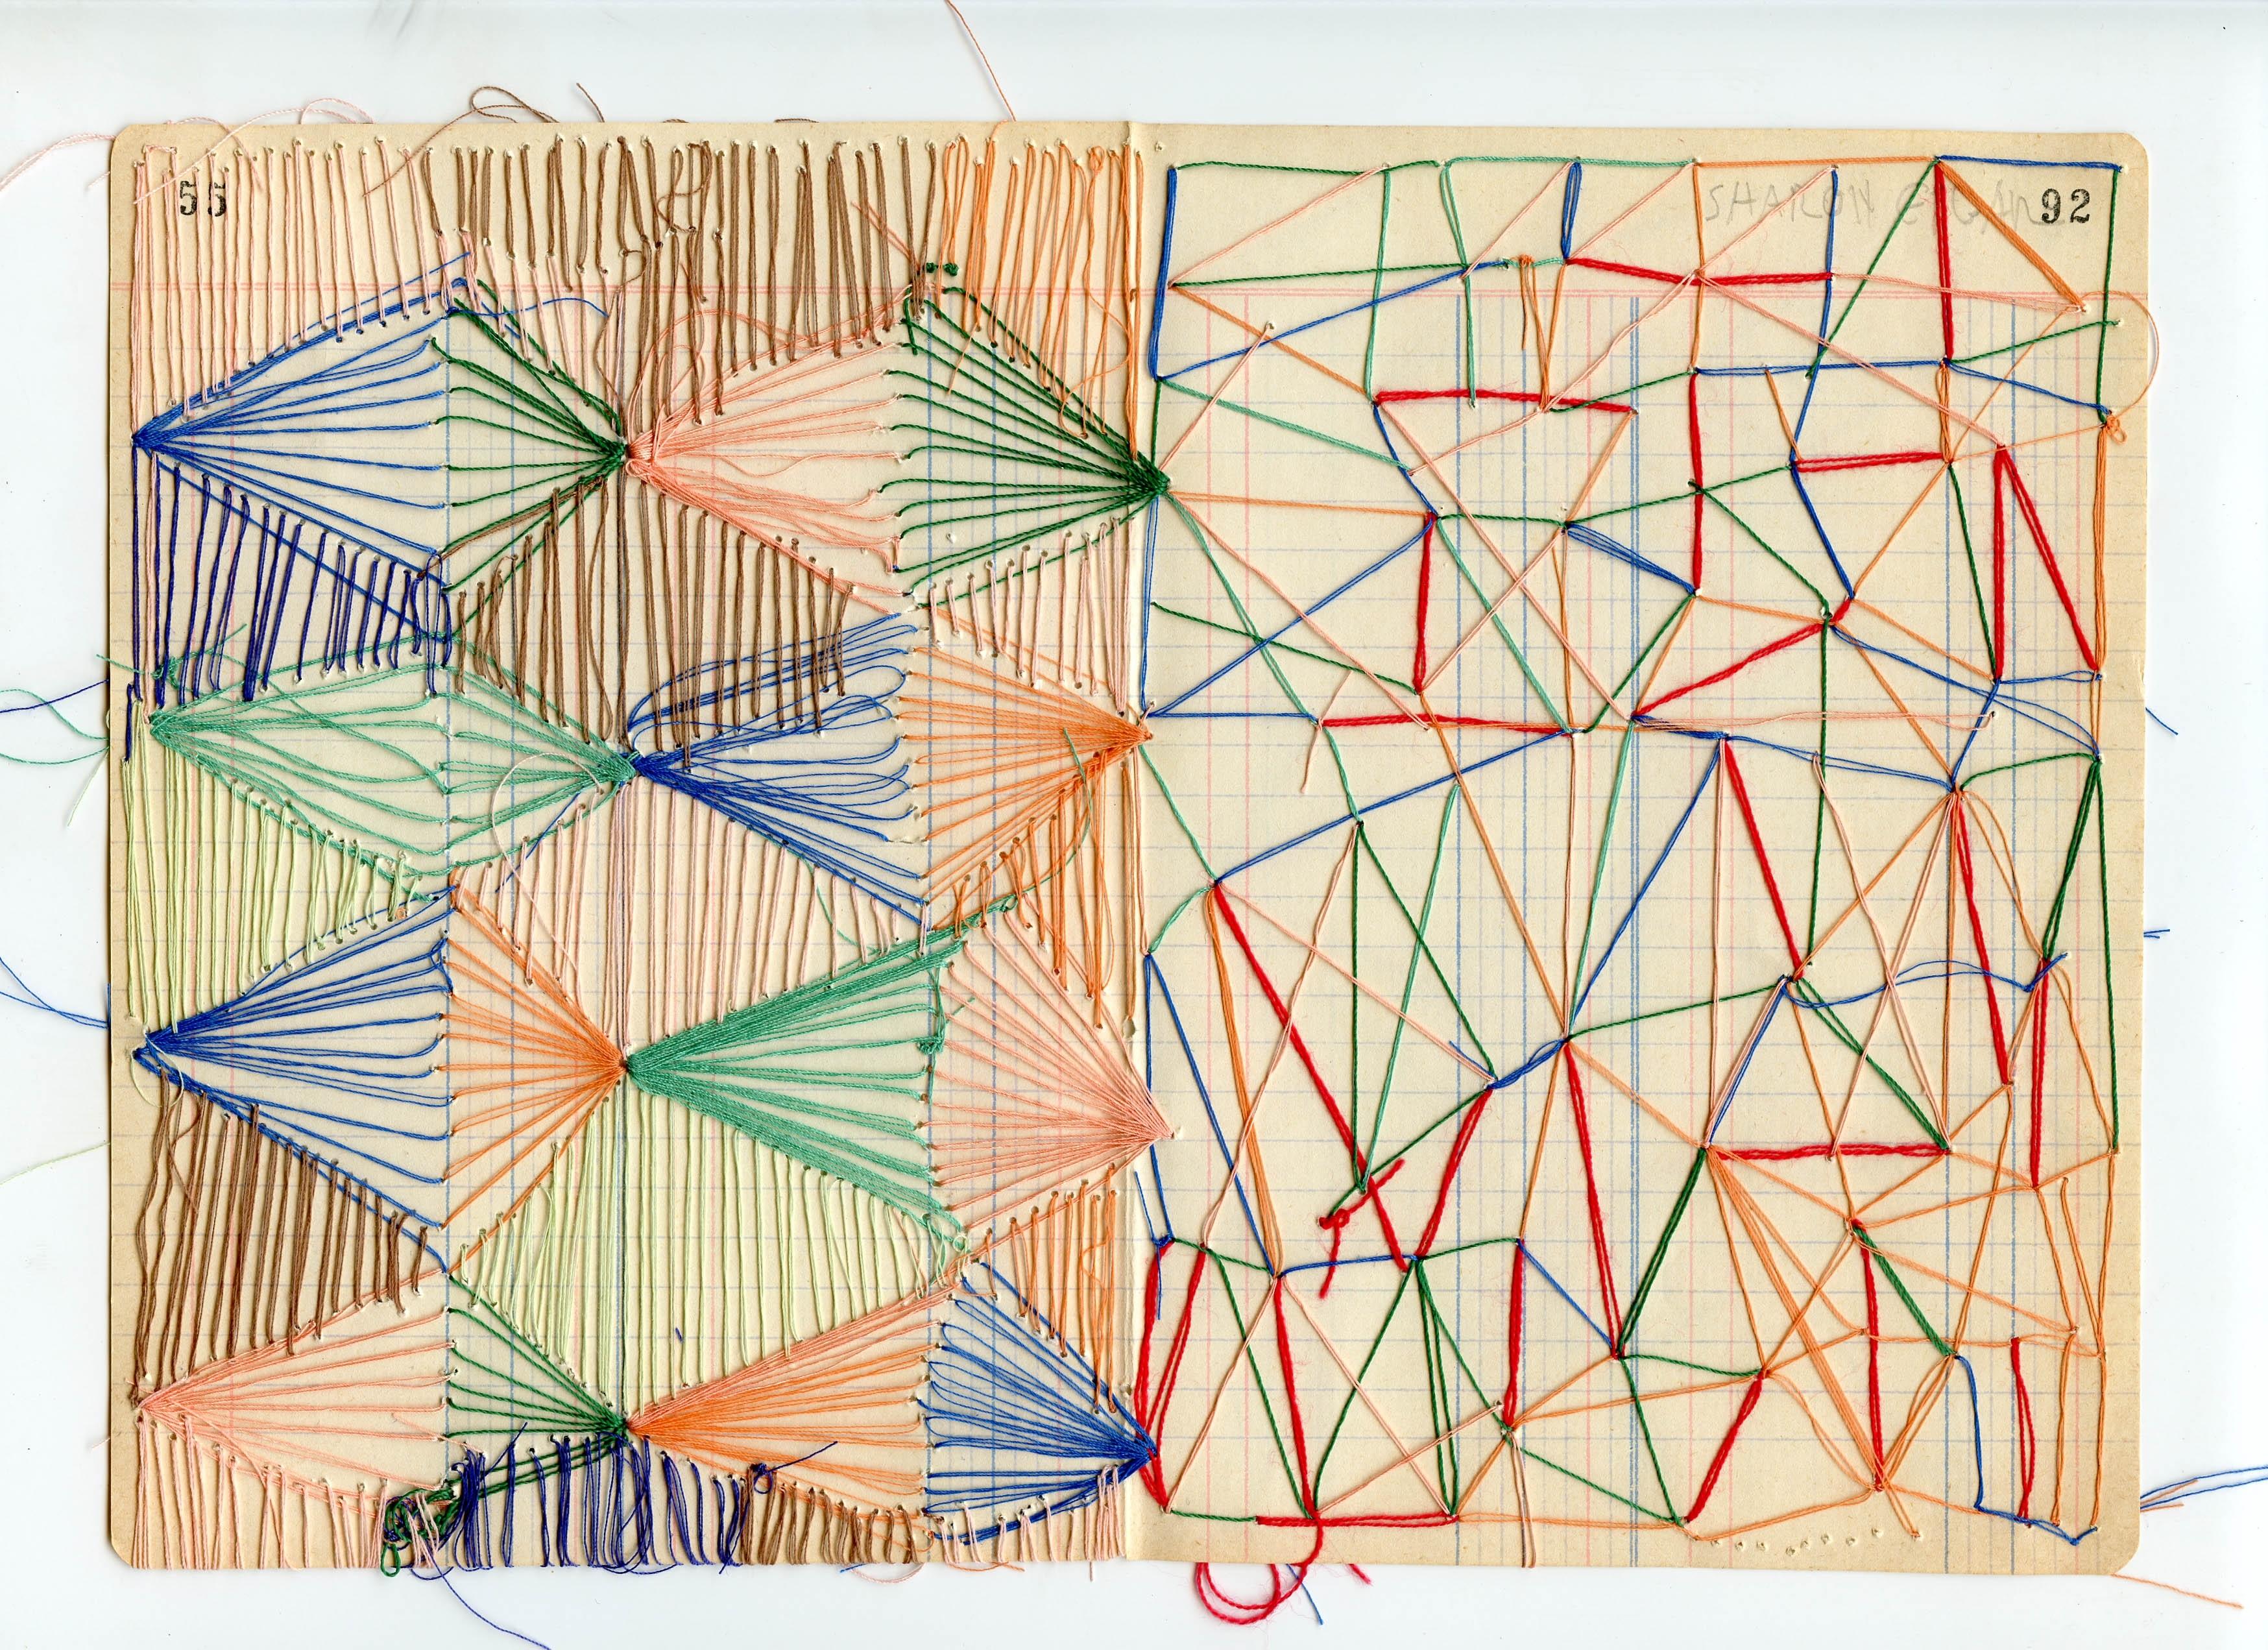 3496x2543 Untitled Thread Drawing By Sharon Etgar On Artnet